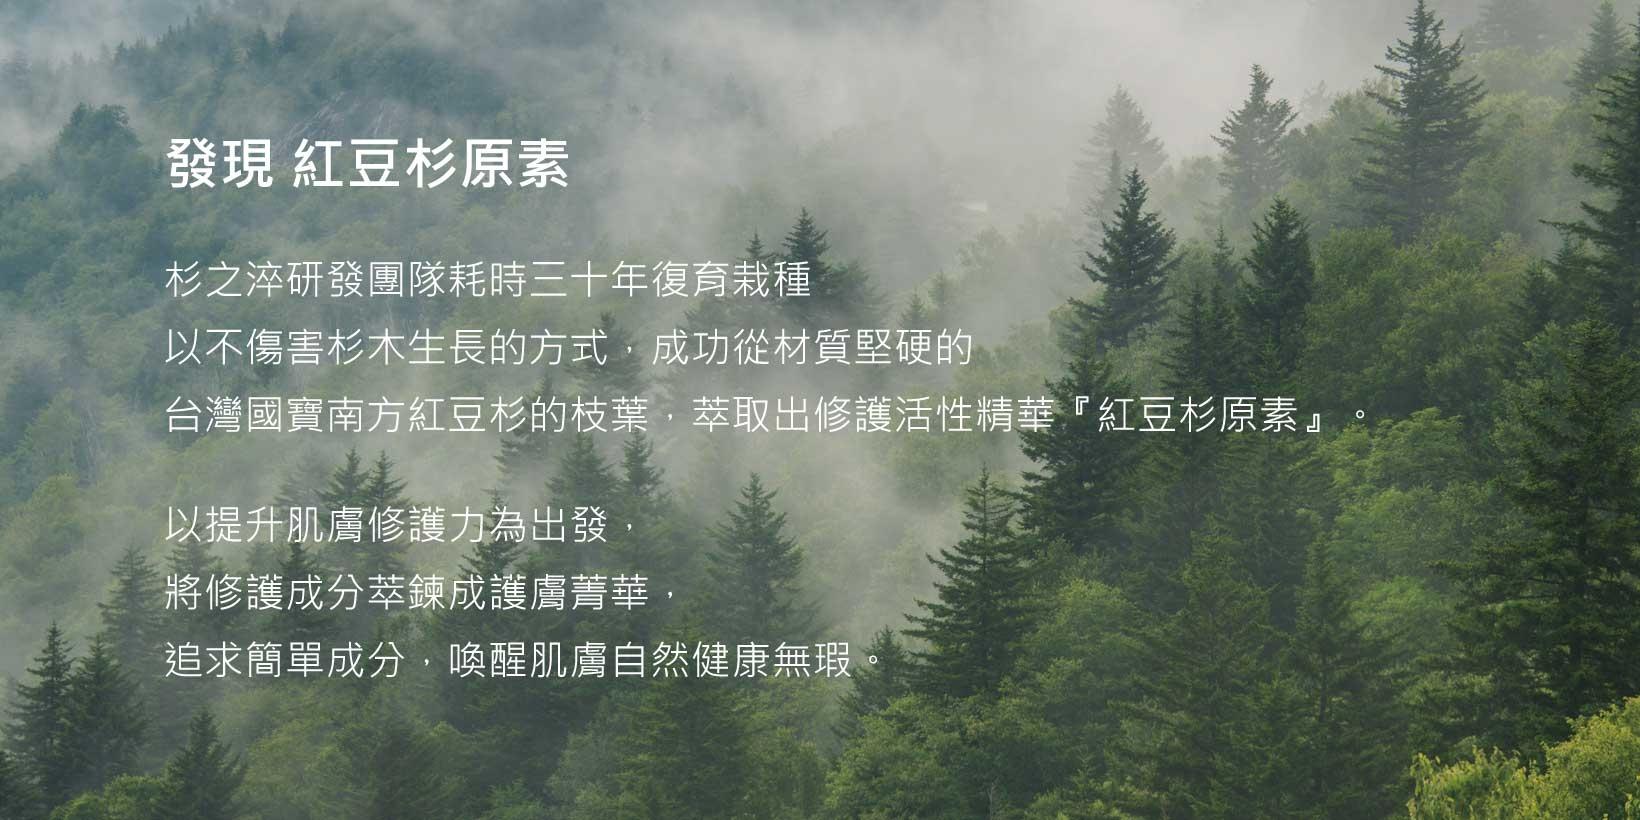 發現修護之源 - 紅豆杉原素